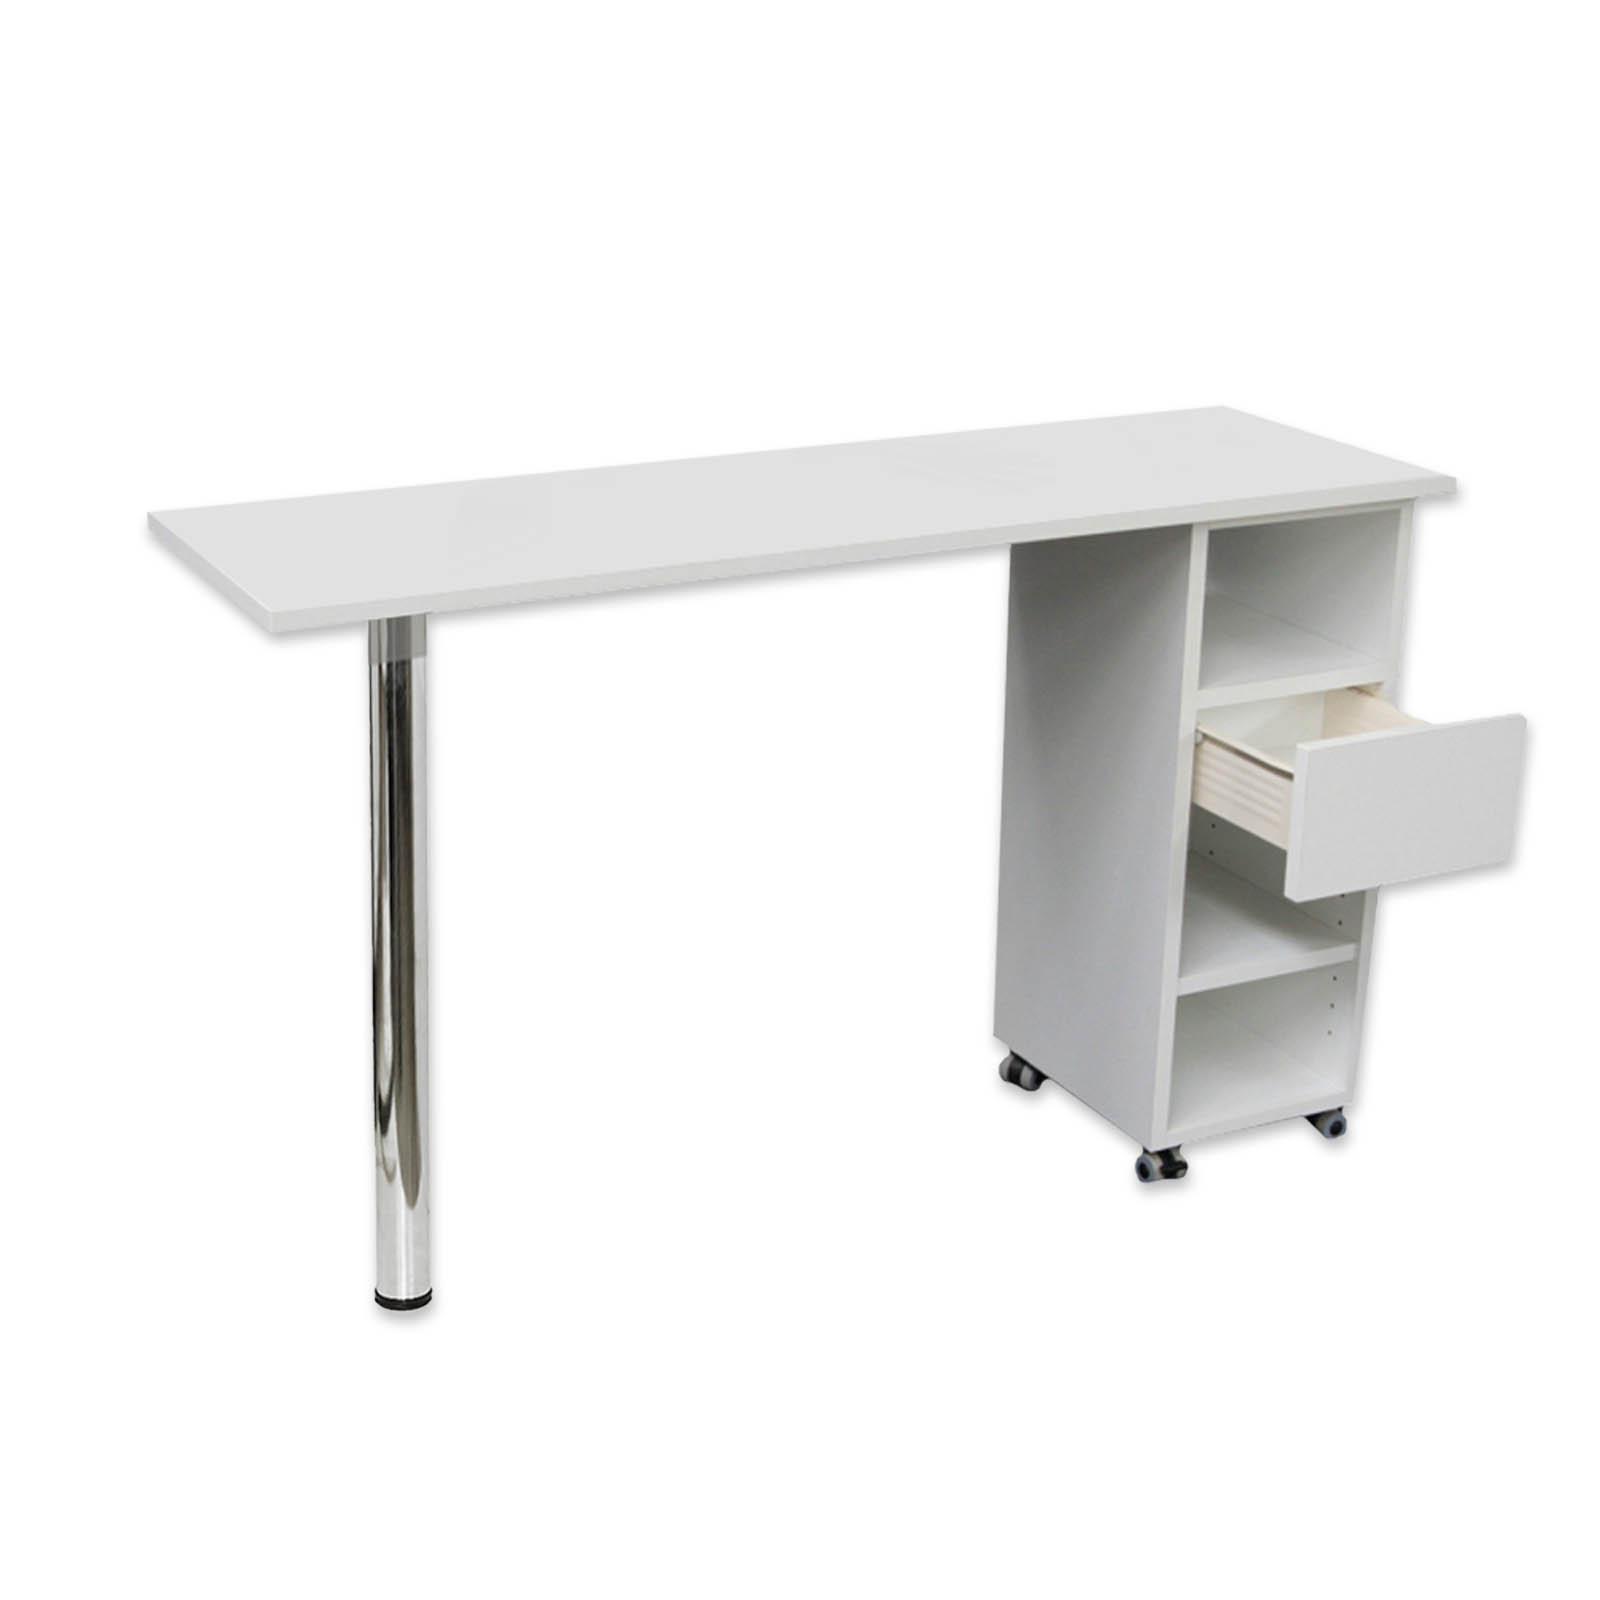 Tavolo professionale per ricostruzione unghie con cassetto e ruote 120 x 40 cm - Tavolo ricostruzione unghie ebay ...